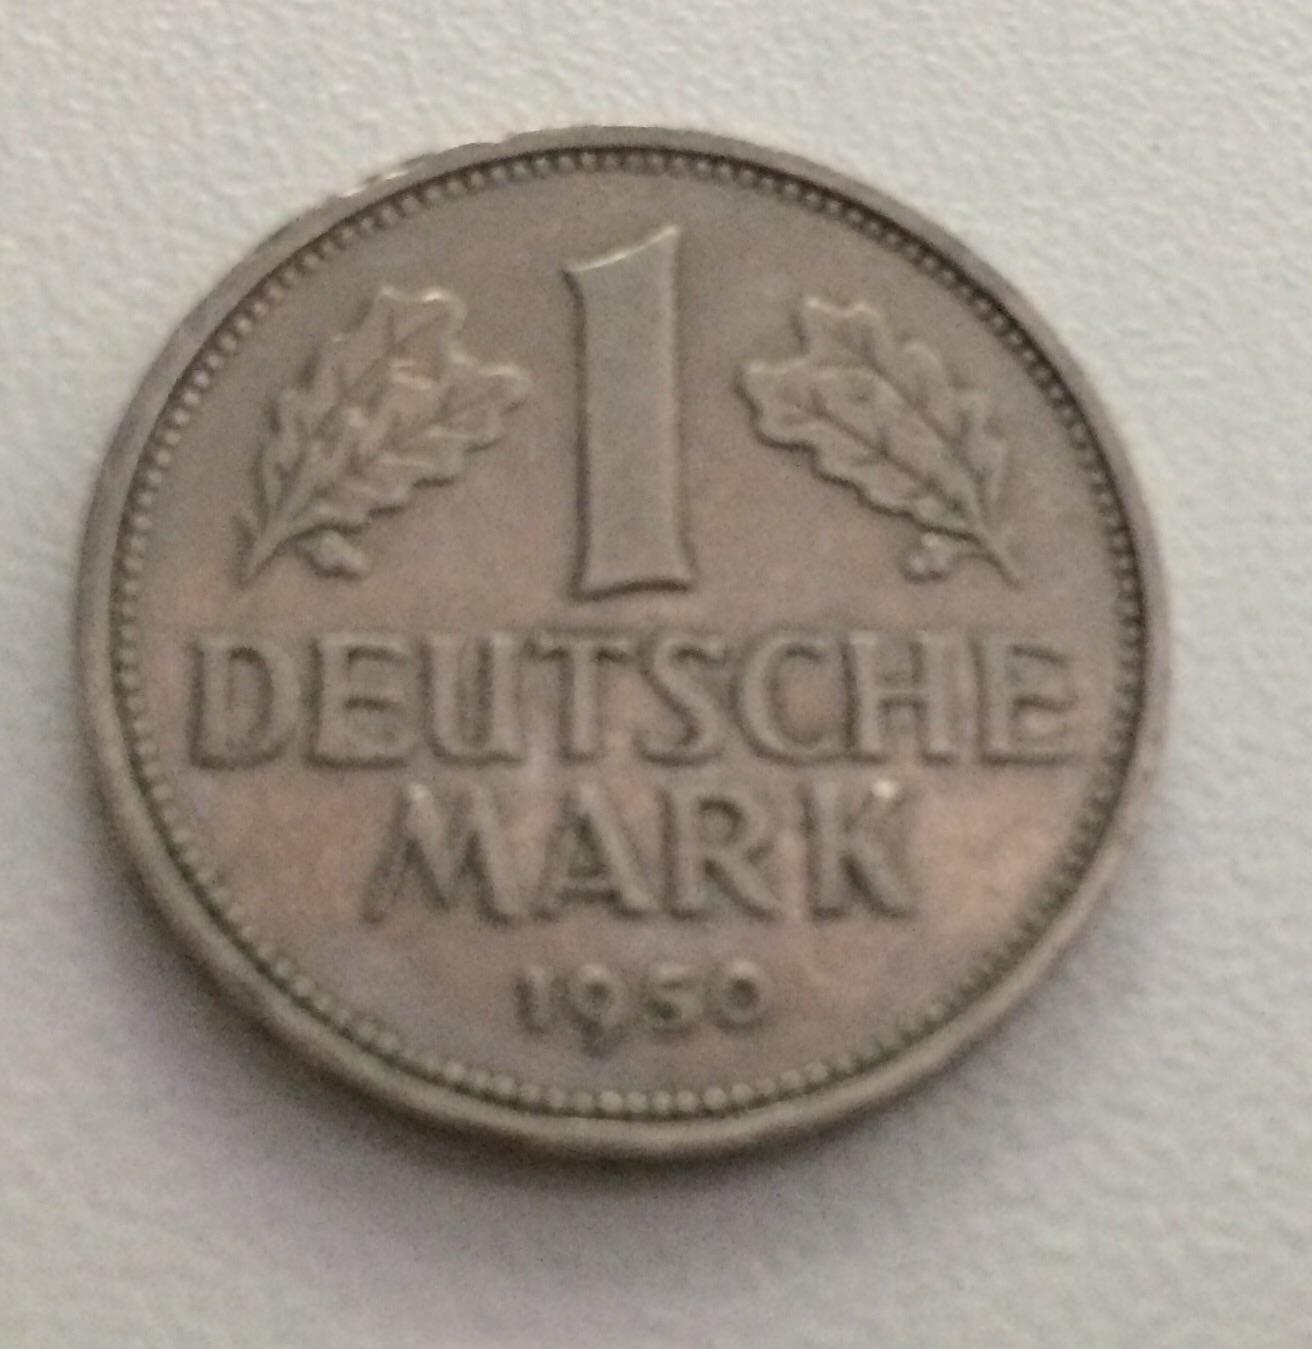 1dm 1949 1955 U 50 Pfennig 1948 1950 1 2 5 Pfennige